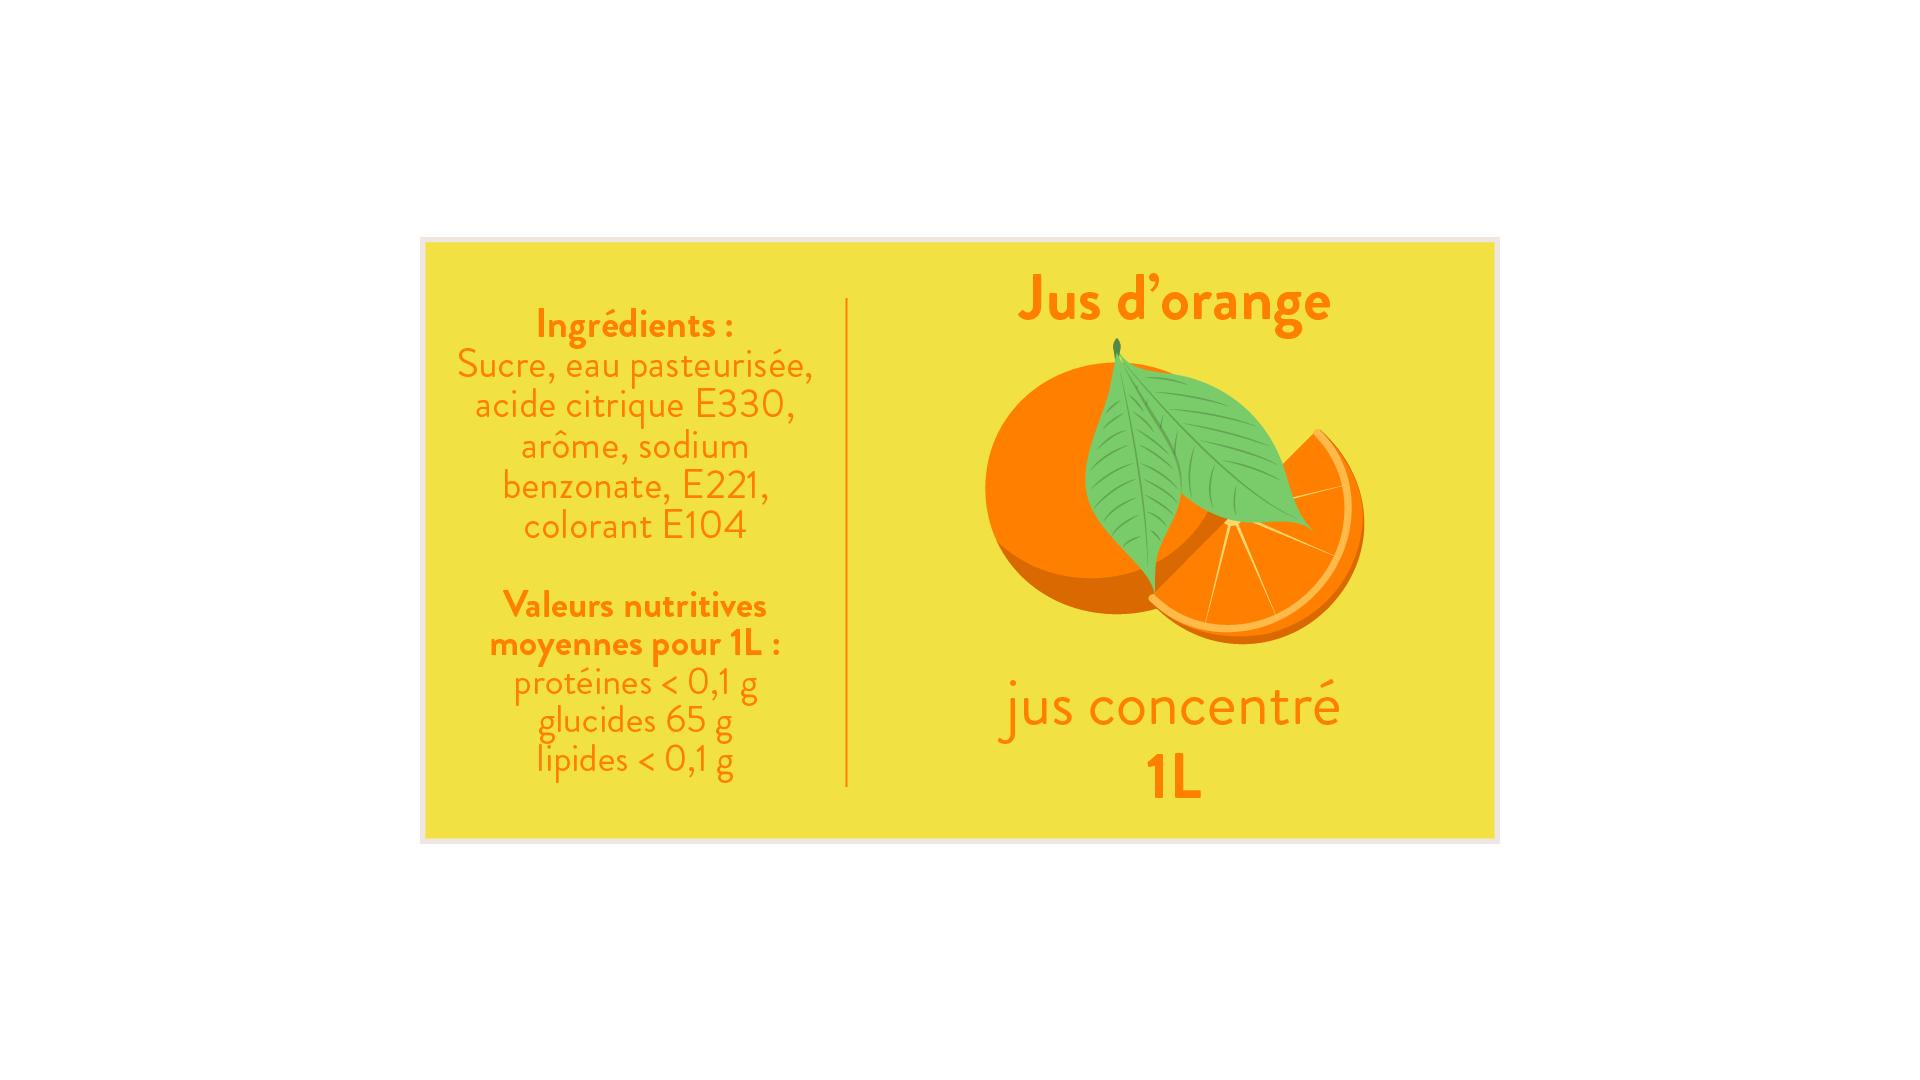 Étiquette de jus d'orange